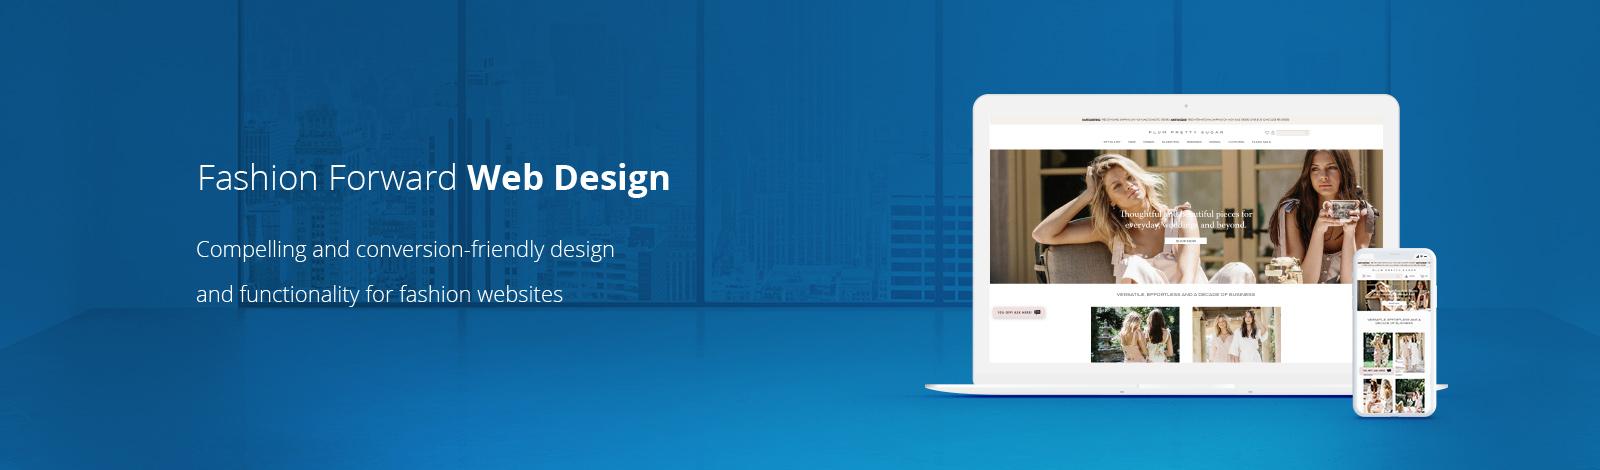 Fashion Website Design & Development Services